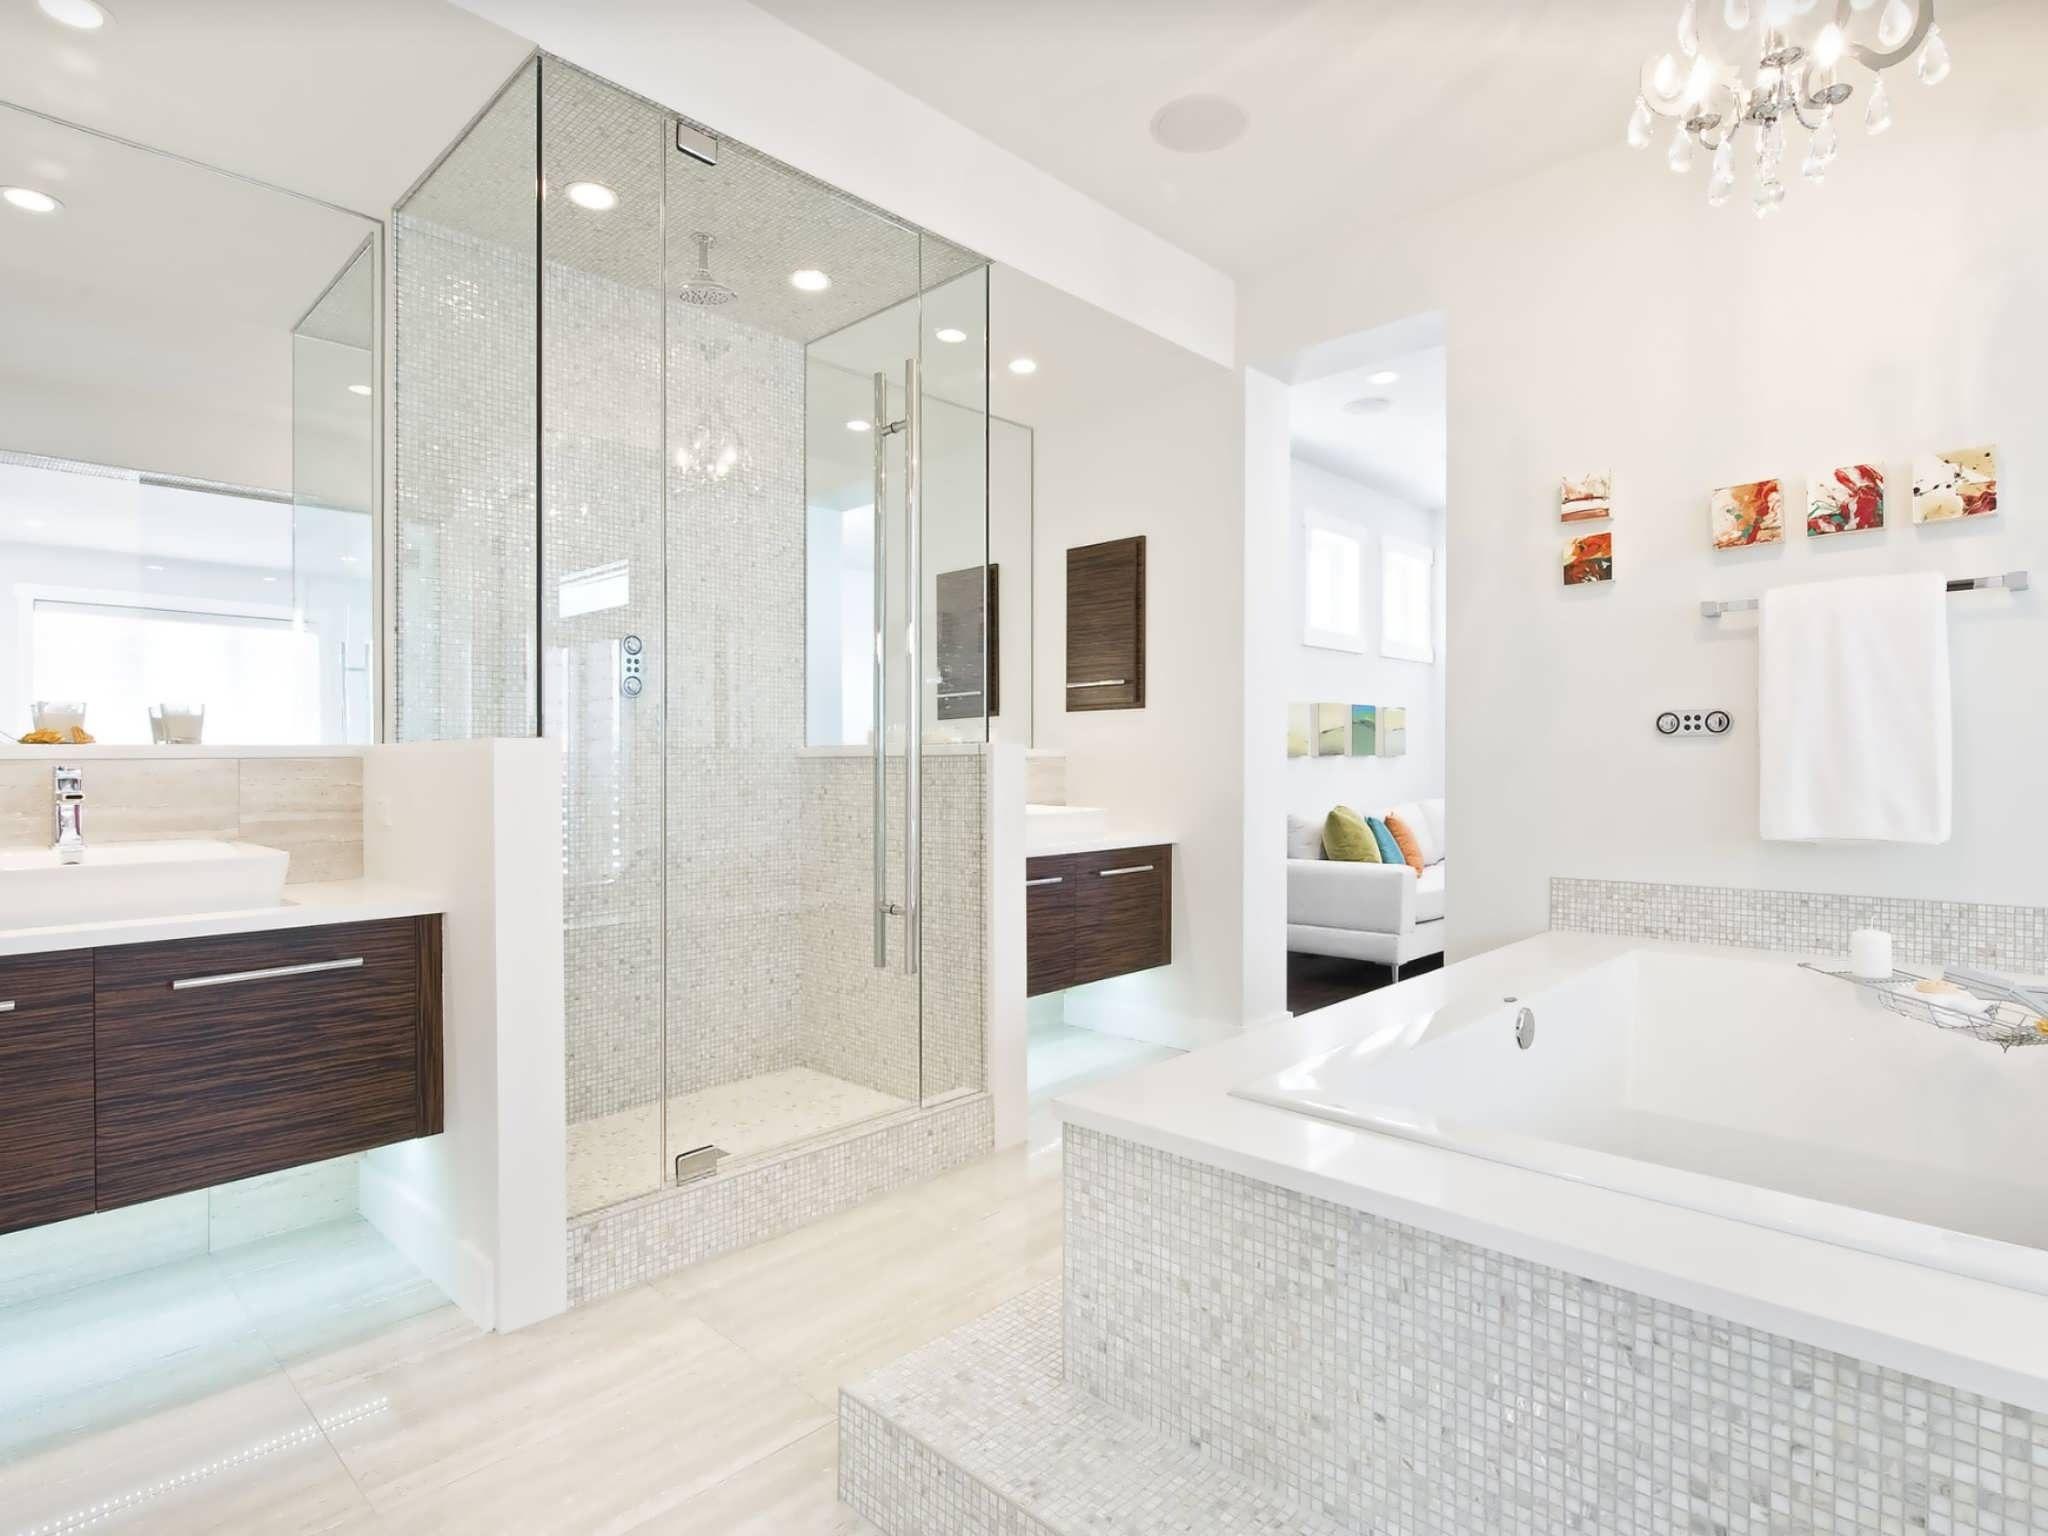 Design Bagno Poggio Piccolo : Mosaico bagno u2022 100 idee per rivestire con stile bagni moderni e